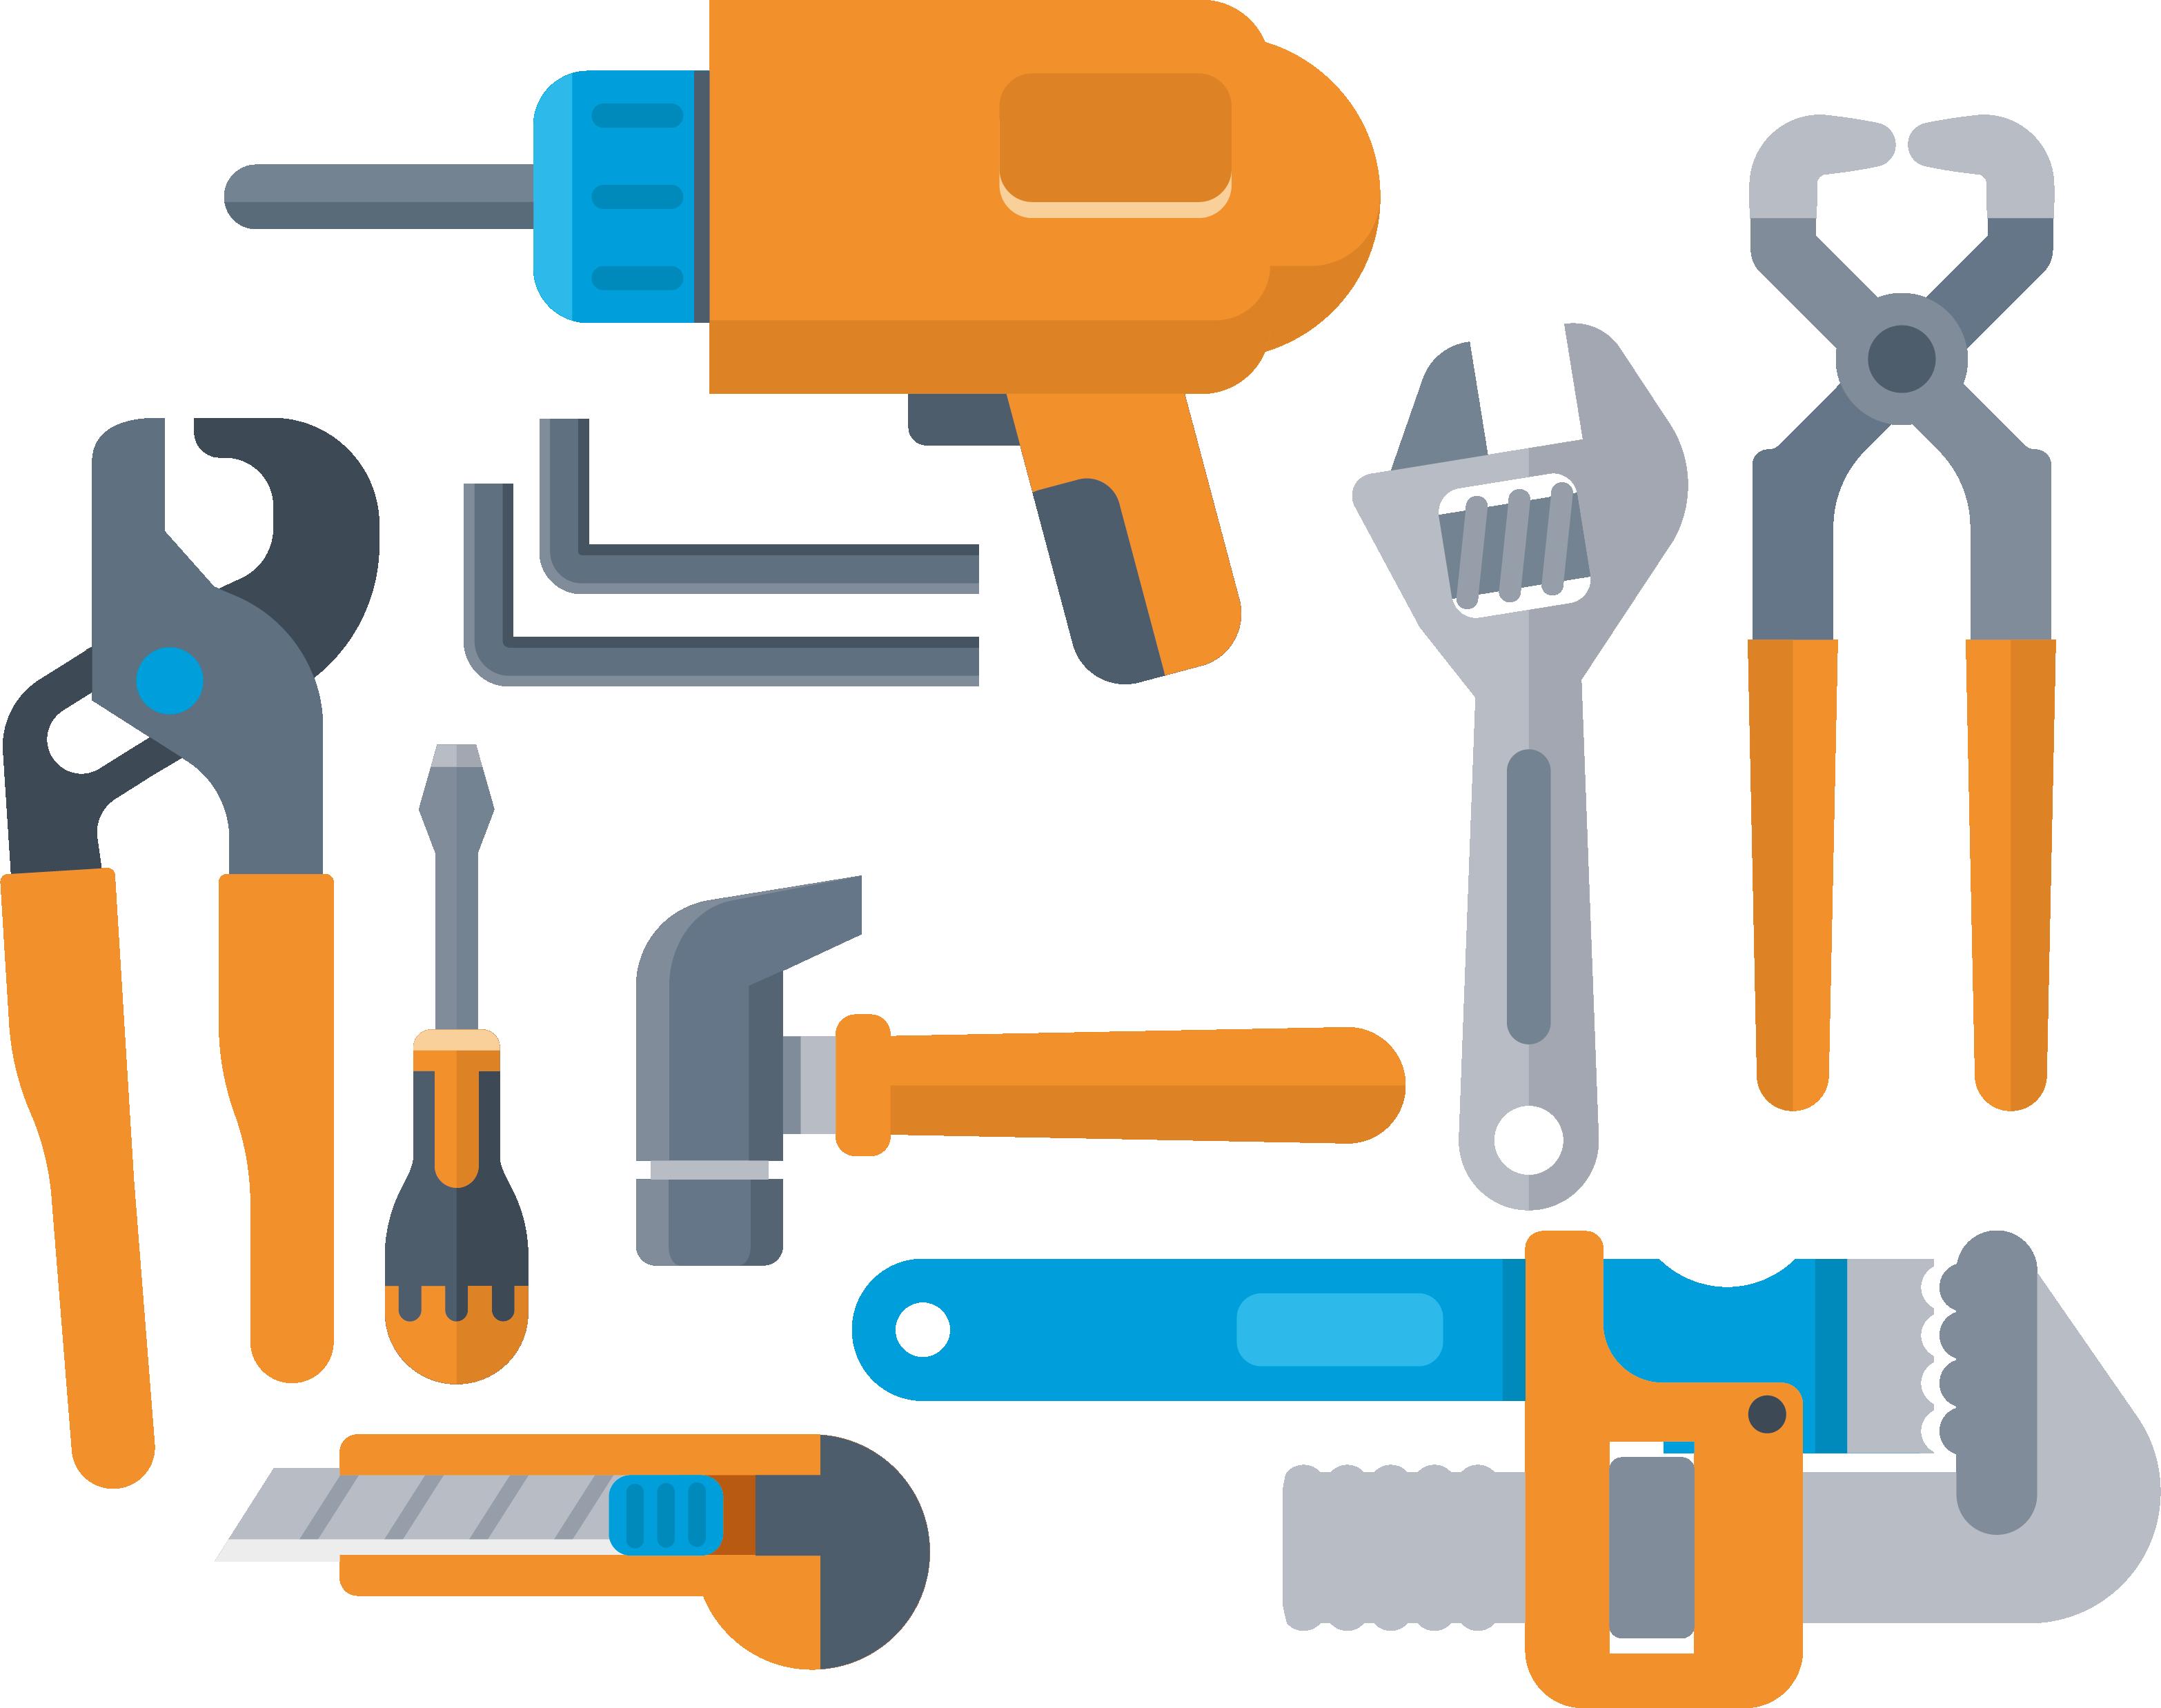 Herramienta de iconos equipo. Tool clipart herramientas